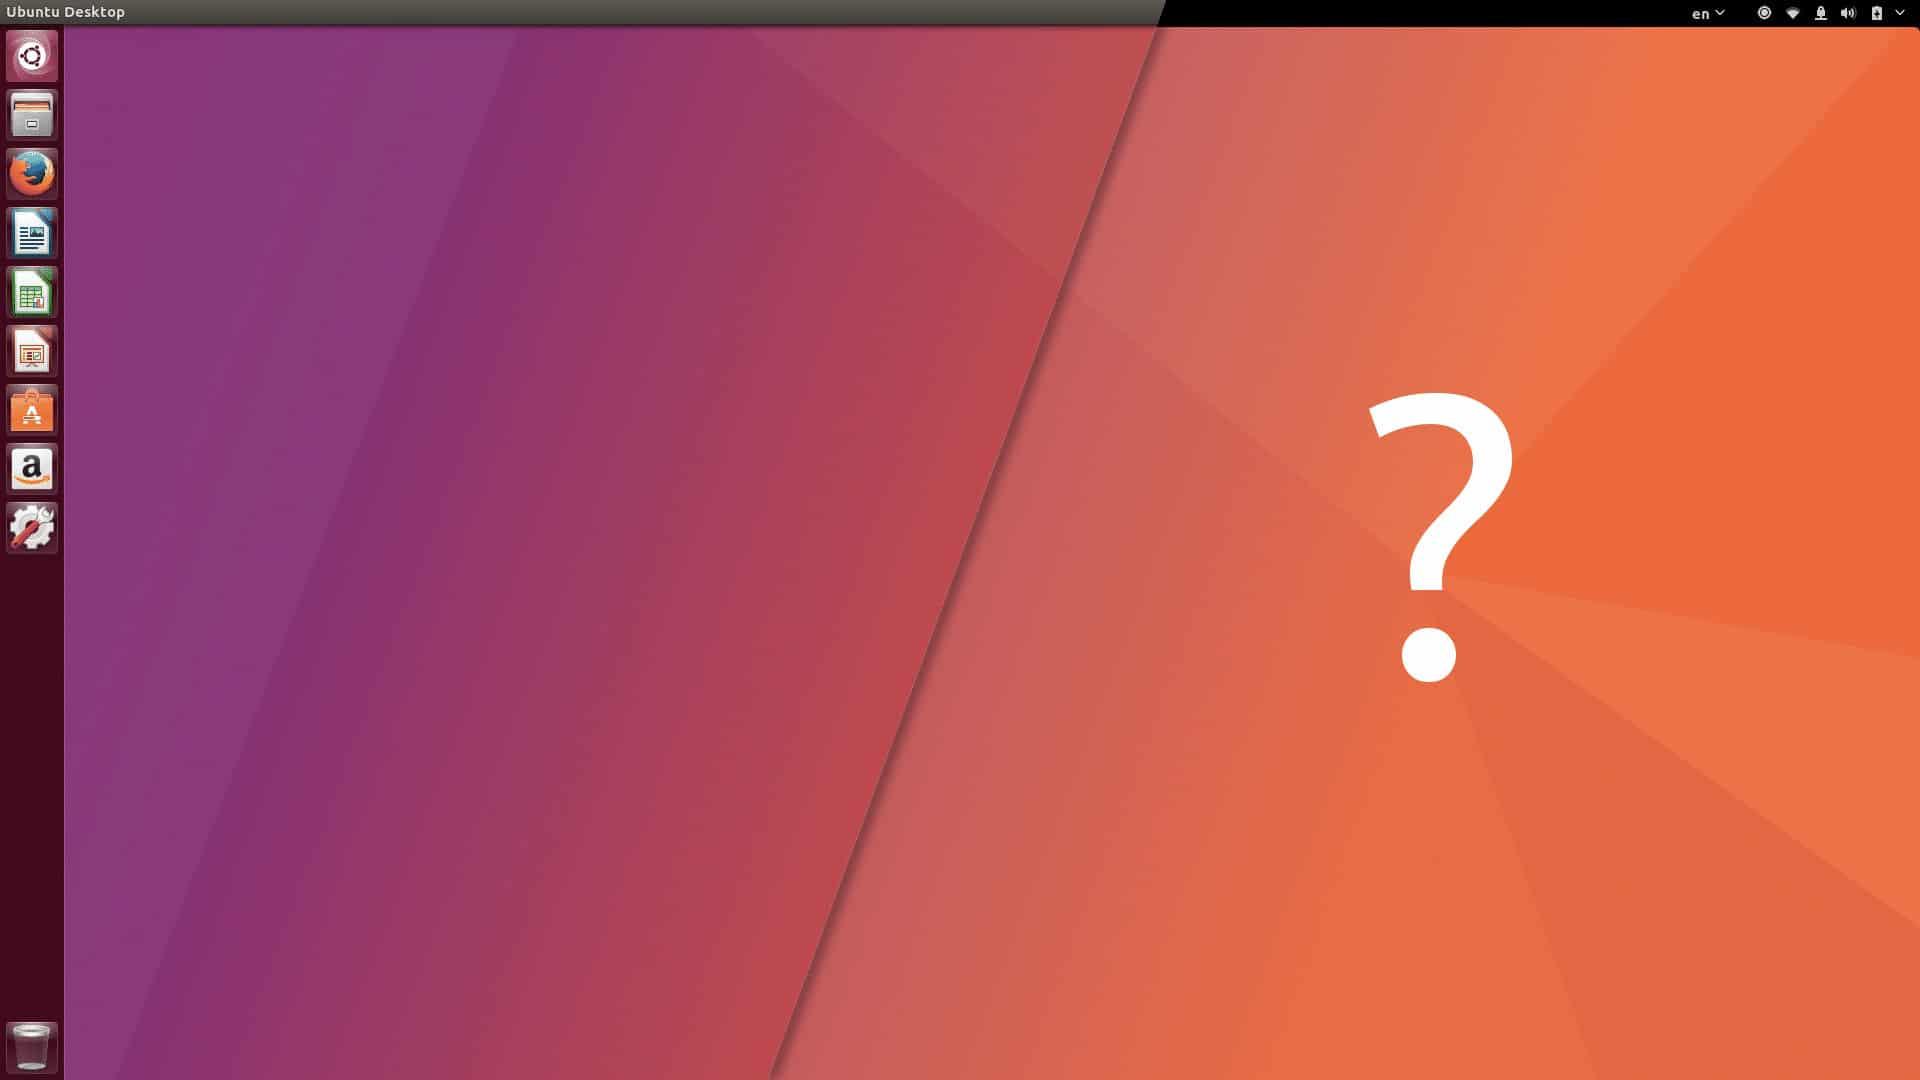 ubuntu-unity-gnome-transição